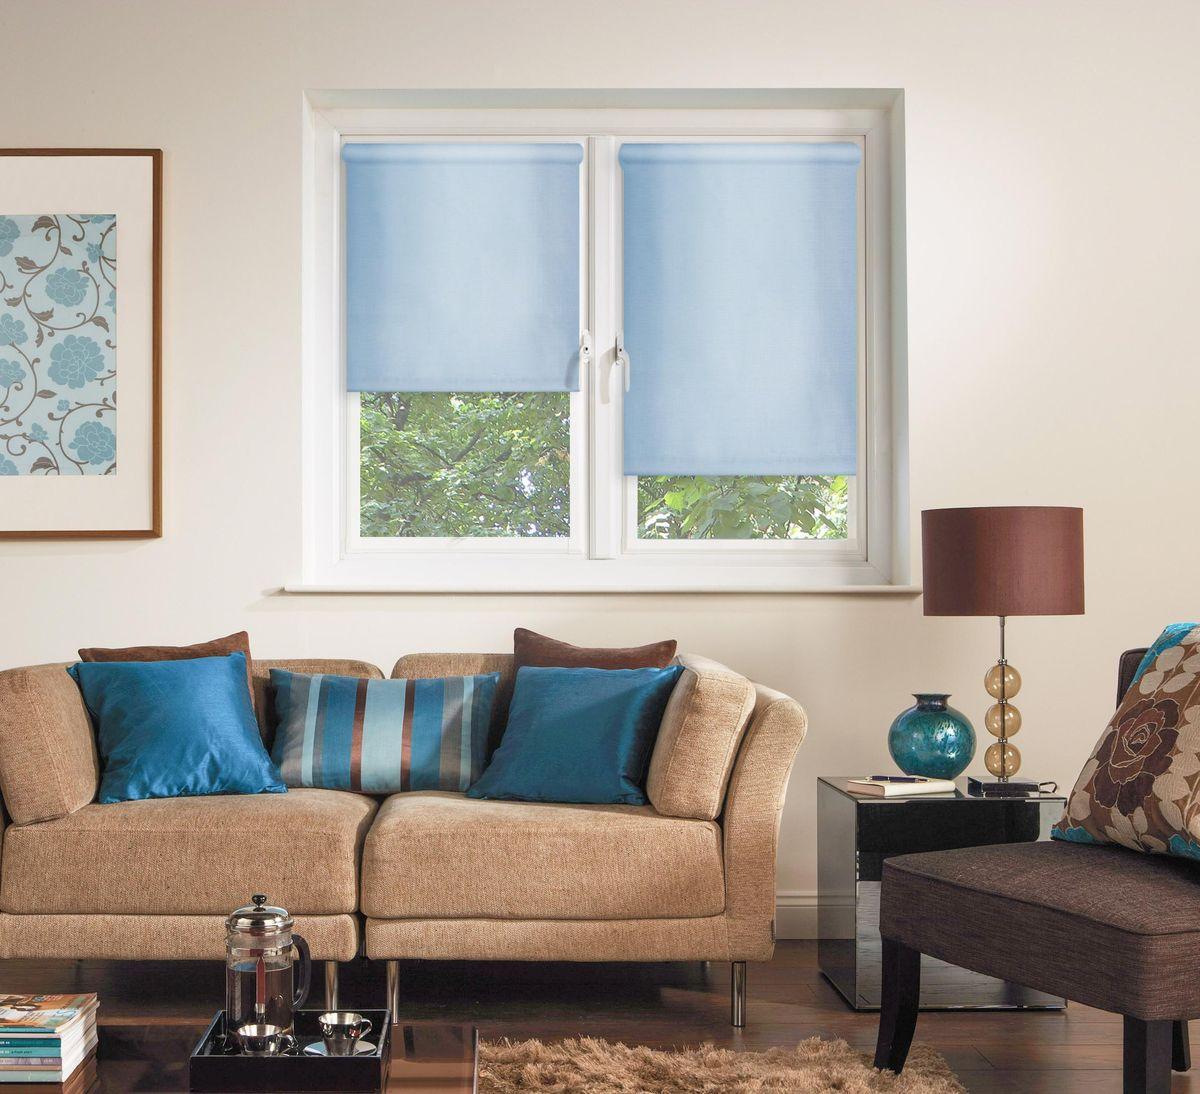 Штора рулонная Эскар, цвет: голубой, ширина 80 см, высота 170 см81005080170Рулонными шторами можно оформлять окна как самостоятельно, так и использовать в комбинации с портьерами. Это поможет предотвратить выгорание дорогой ткани на солнце и соединит функционал рулонных с красотой навесных. Преимущества применения рулонных штор для пластиковых окон: - имеют прекрасный внешний вид: многообразие и фактурность материала изделия отлично смотрятся в любом интерьере; - многофункциональны: есть возможность подобрать шторы способные эффективно защитить комнату от солнца, при этом о на не будет слишком темной. - Есть возможность осуществить быстрый монтаж. ВНИМАНИЕ! Размеры ширины изделия указаны по ширине ткани! Во время эксплуатации не рекомендуется полностью разматывать рулон, чтобы не оторвать ткань от намоточного вала. В случае загрязнения поверхности ткани, чистку шторы проводят одним из способов, в зависимости от типа загрязнения: легкое поверхностное загрязнение можно удалить при помощи...